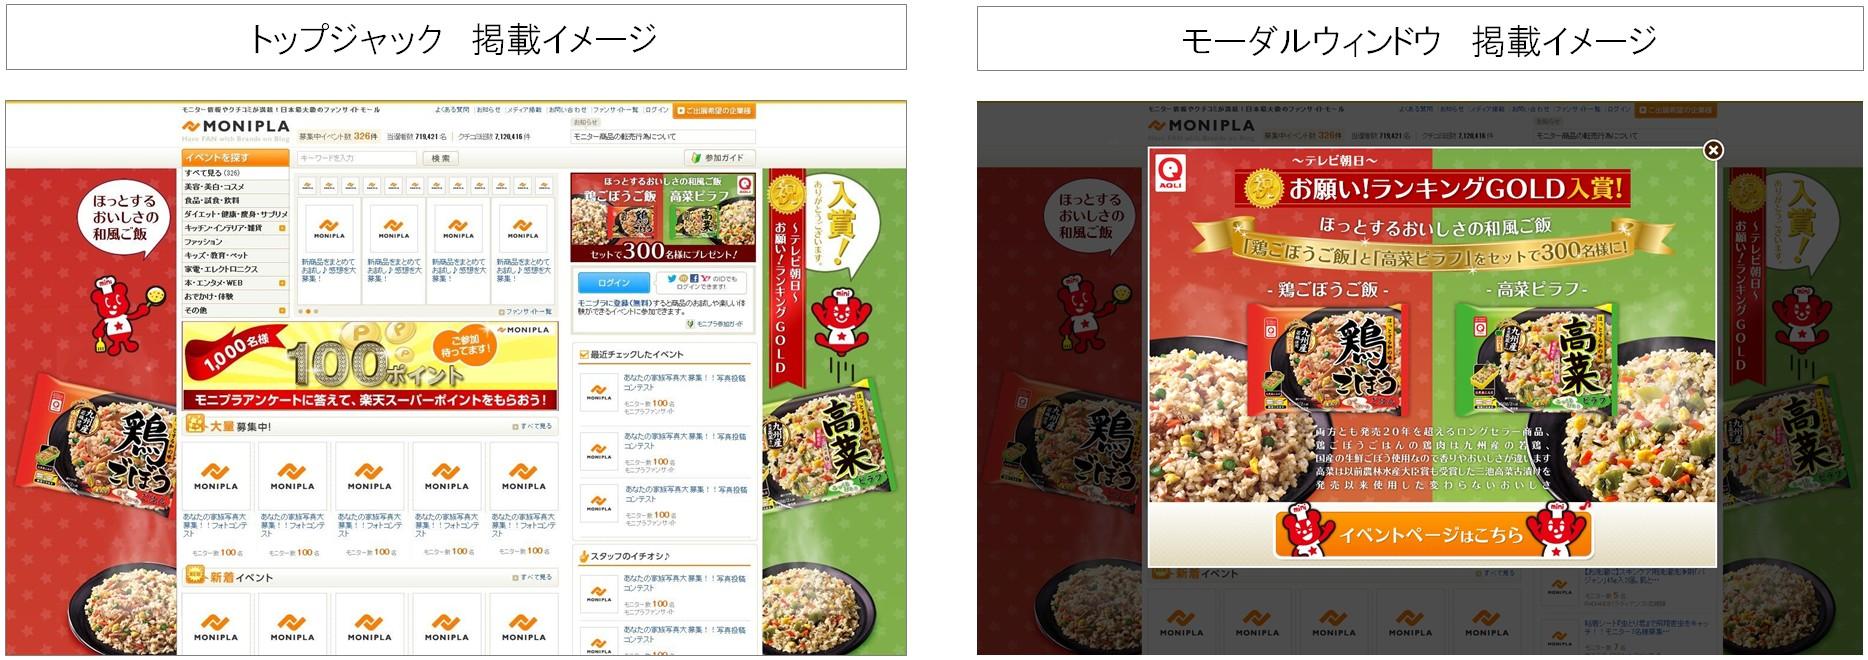 image_topjack.jpg